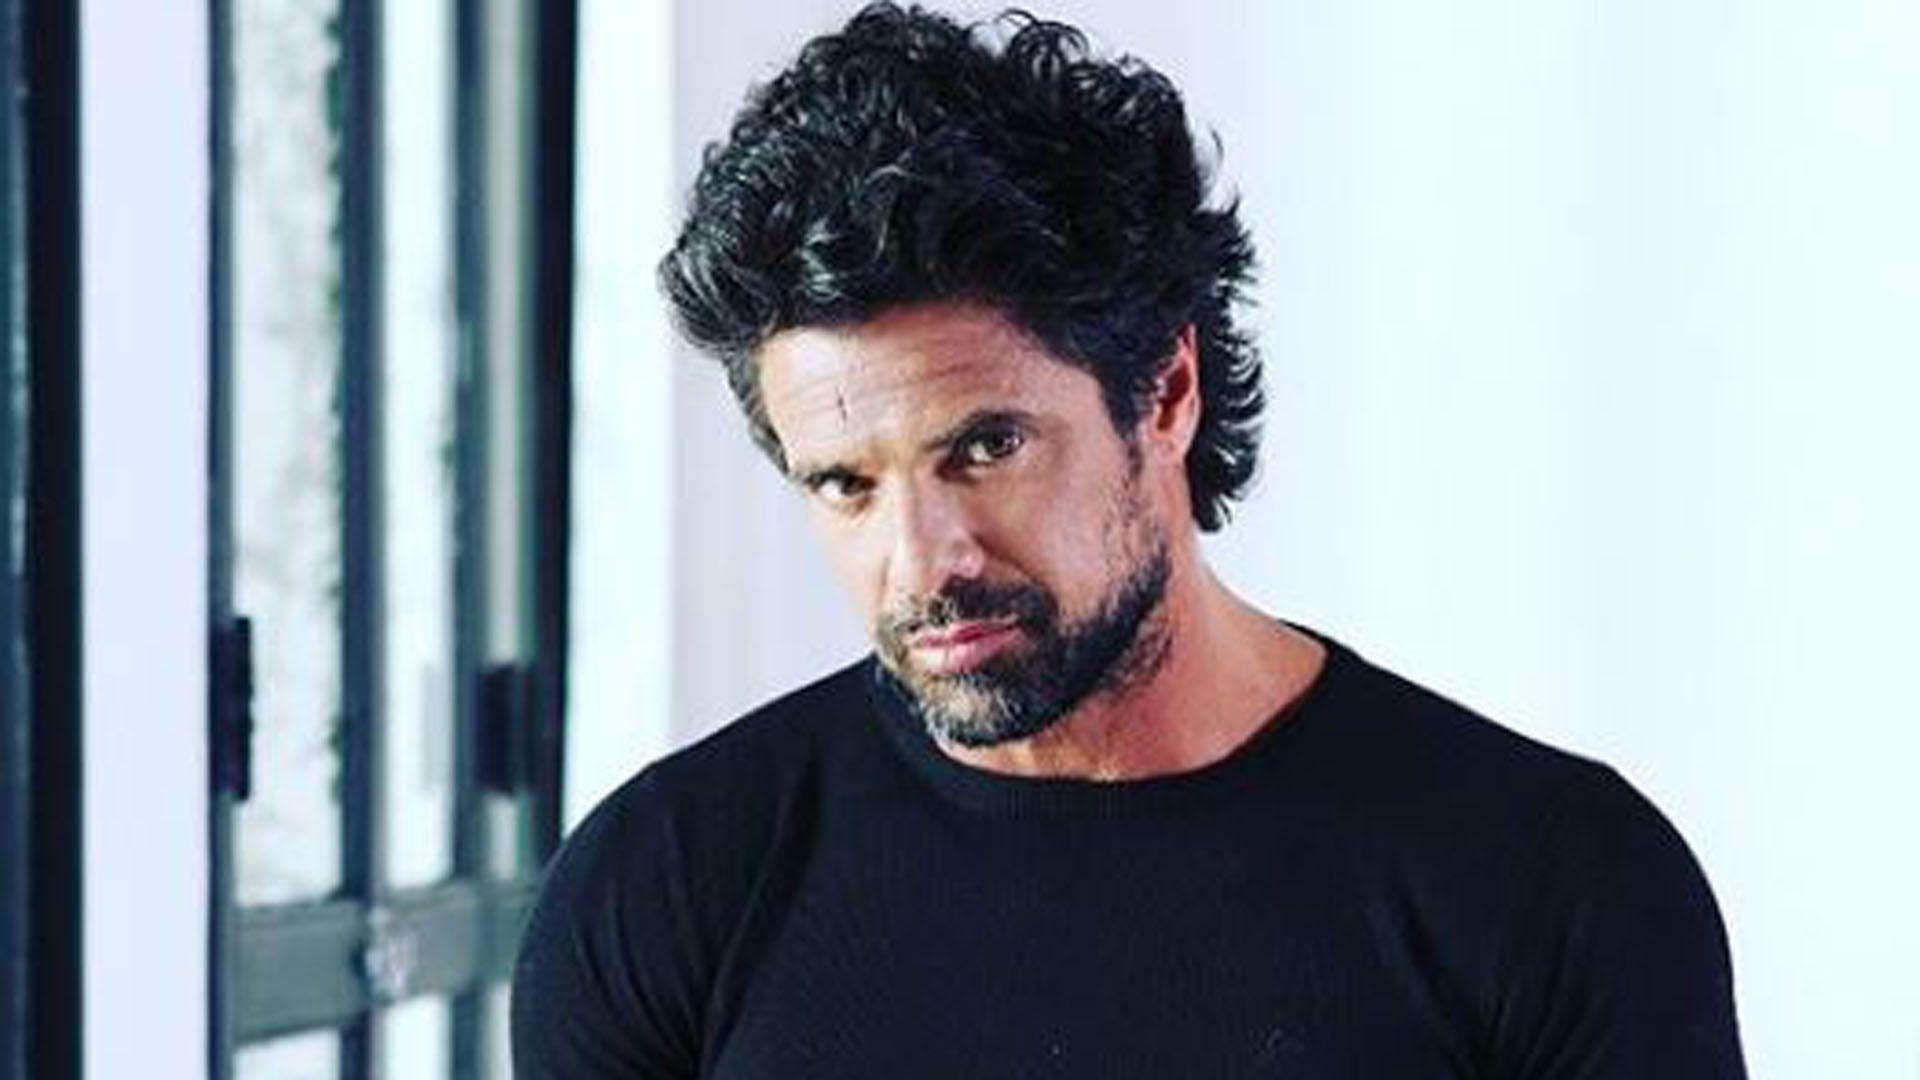 Luciano Castro fue víctima de difusión de imágenes privadas sin consentimiento.